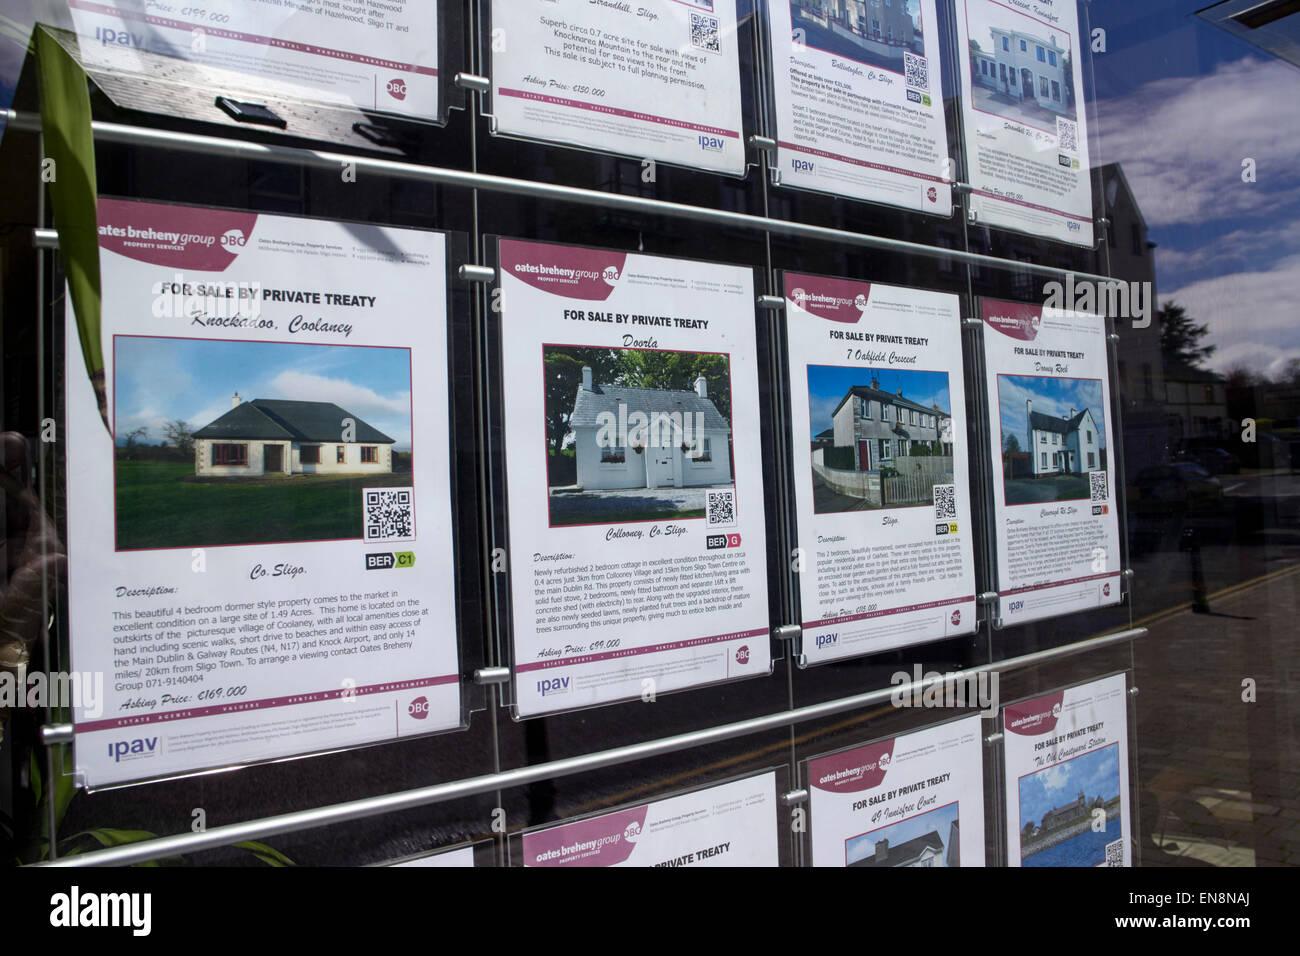 Immobilien zum Verkauf in einem Immobilienmakler Fenster Sligo Irland Stockbild